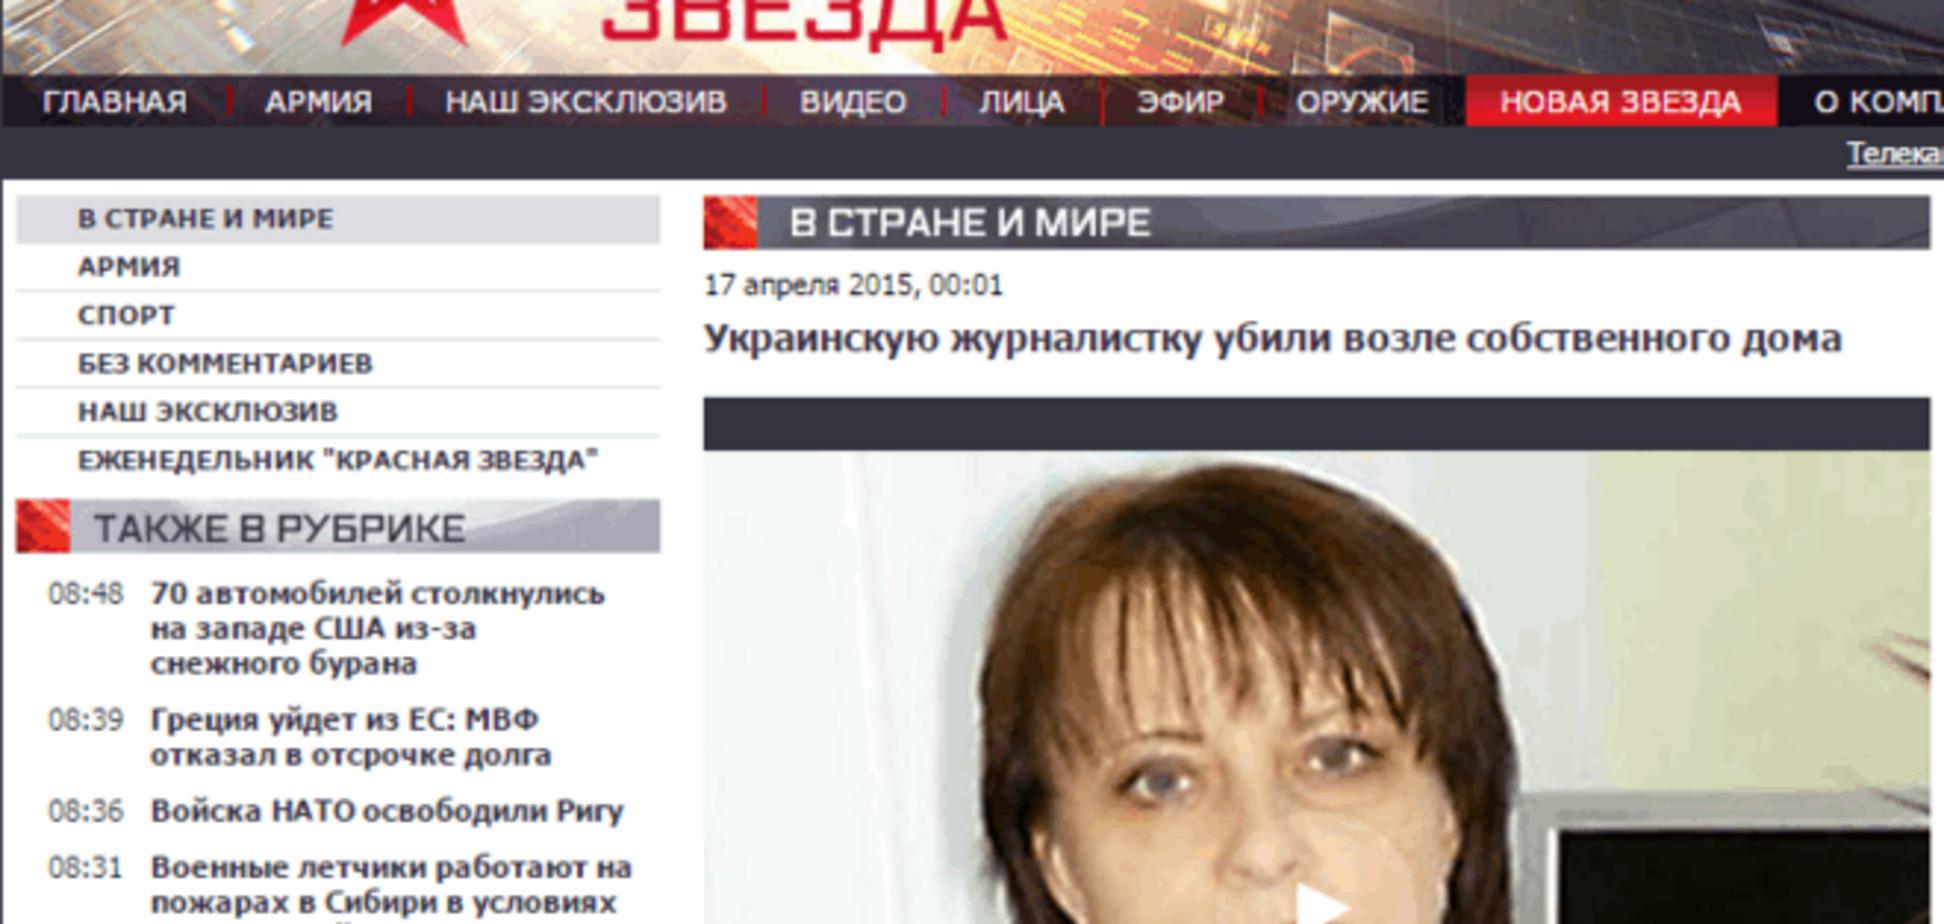 РосЗМІ під шумок ще раз поховали українську журналістку